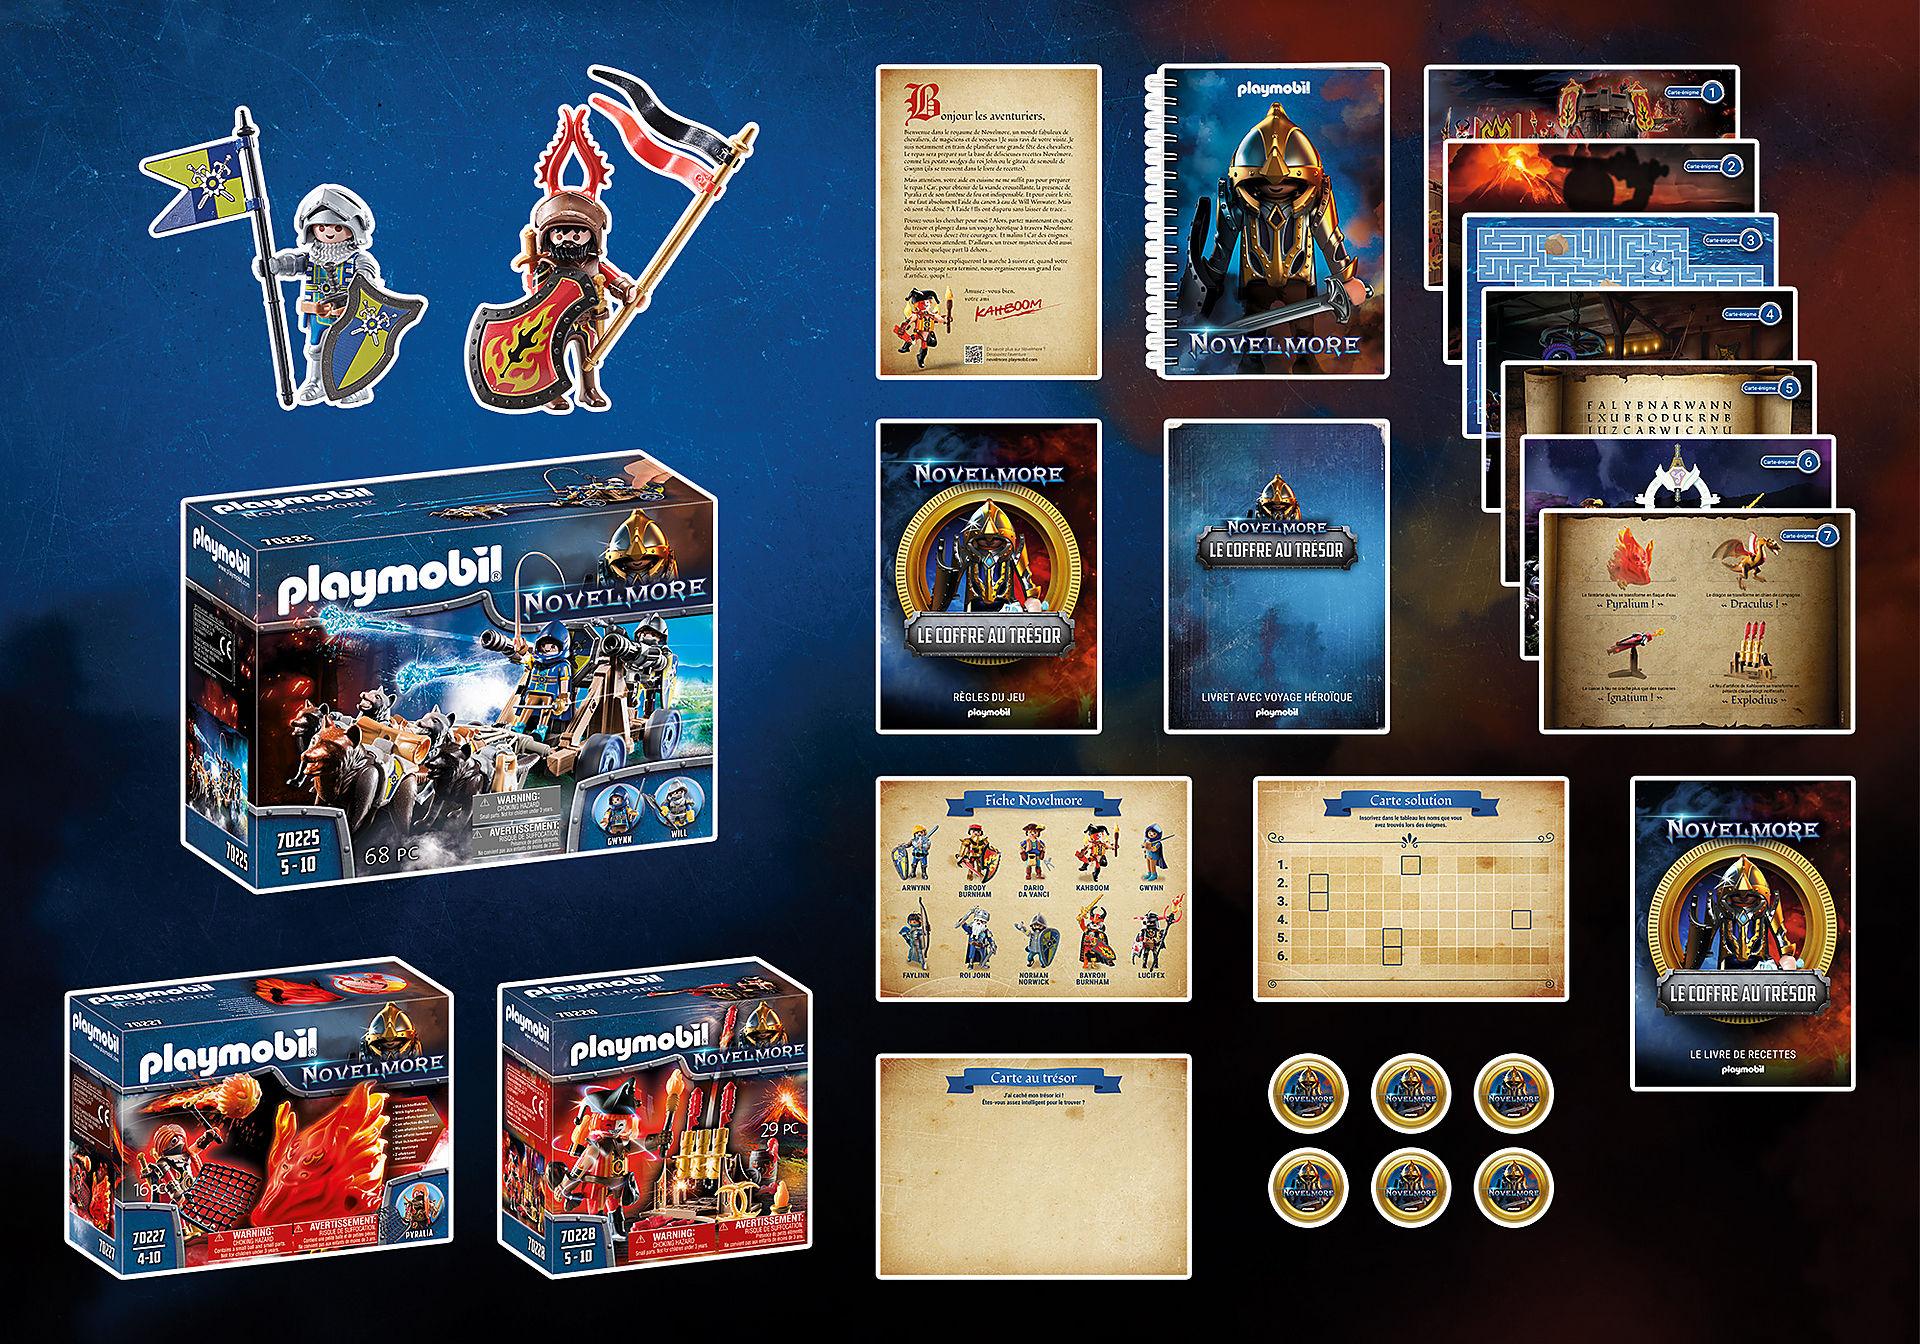 70846 Box PLAYMOBIL®: Le coffre au trésor NOVELMORE L'événement familial zoom image2